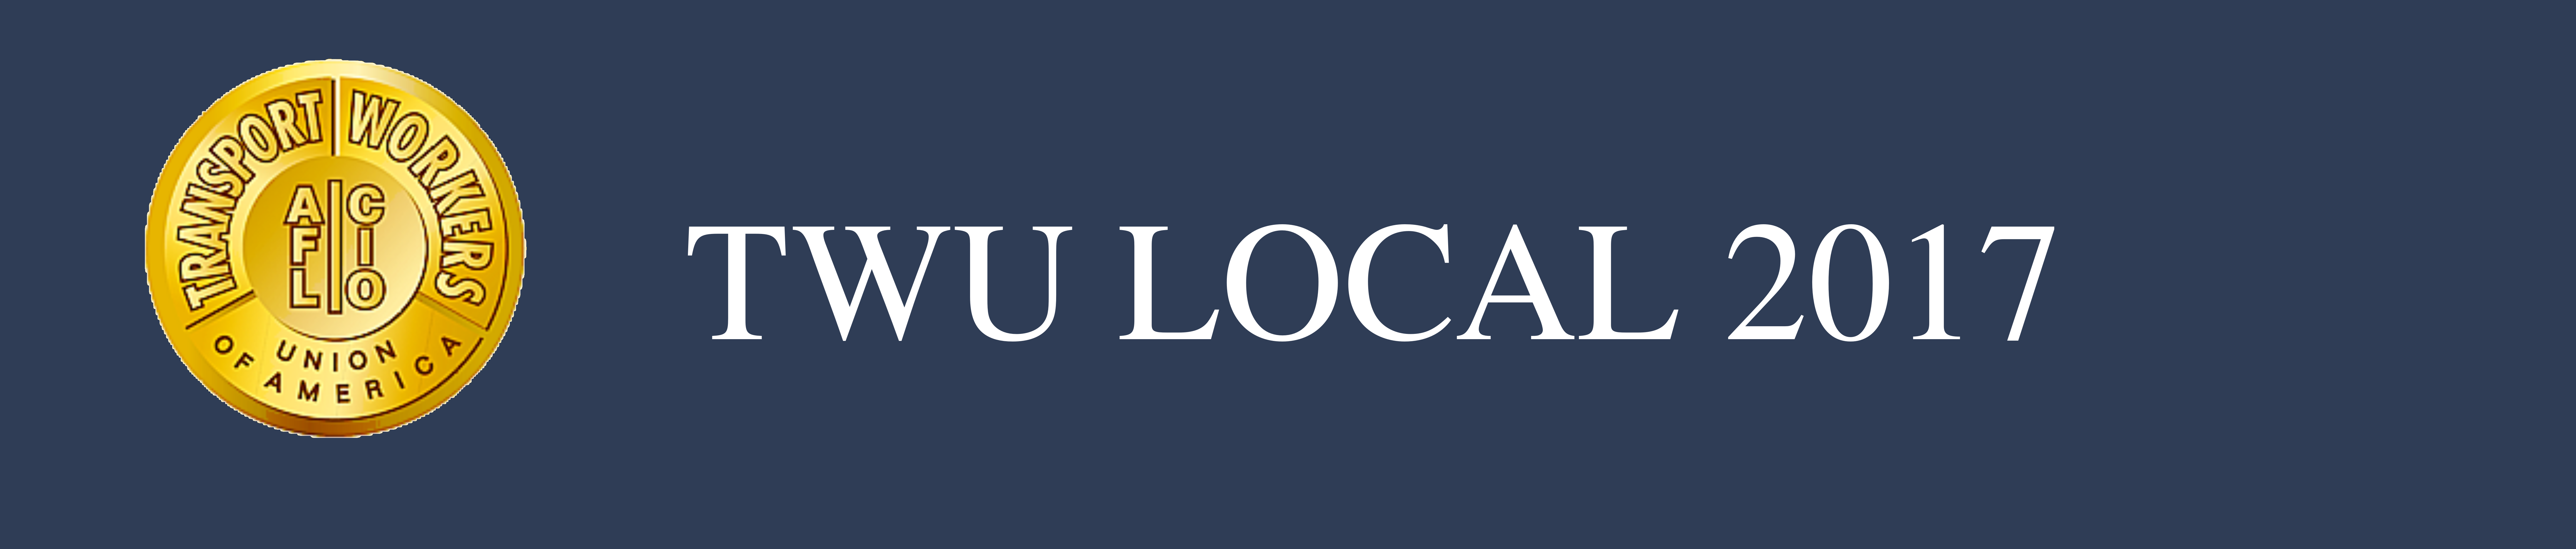 TWU Local 2017 Logo